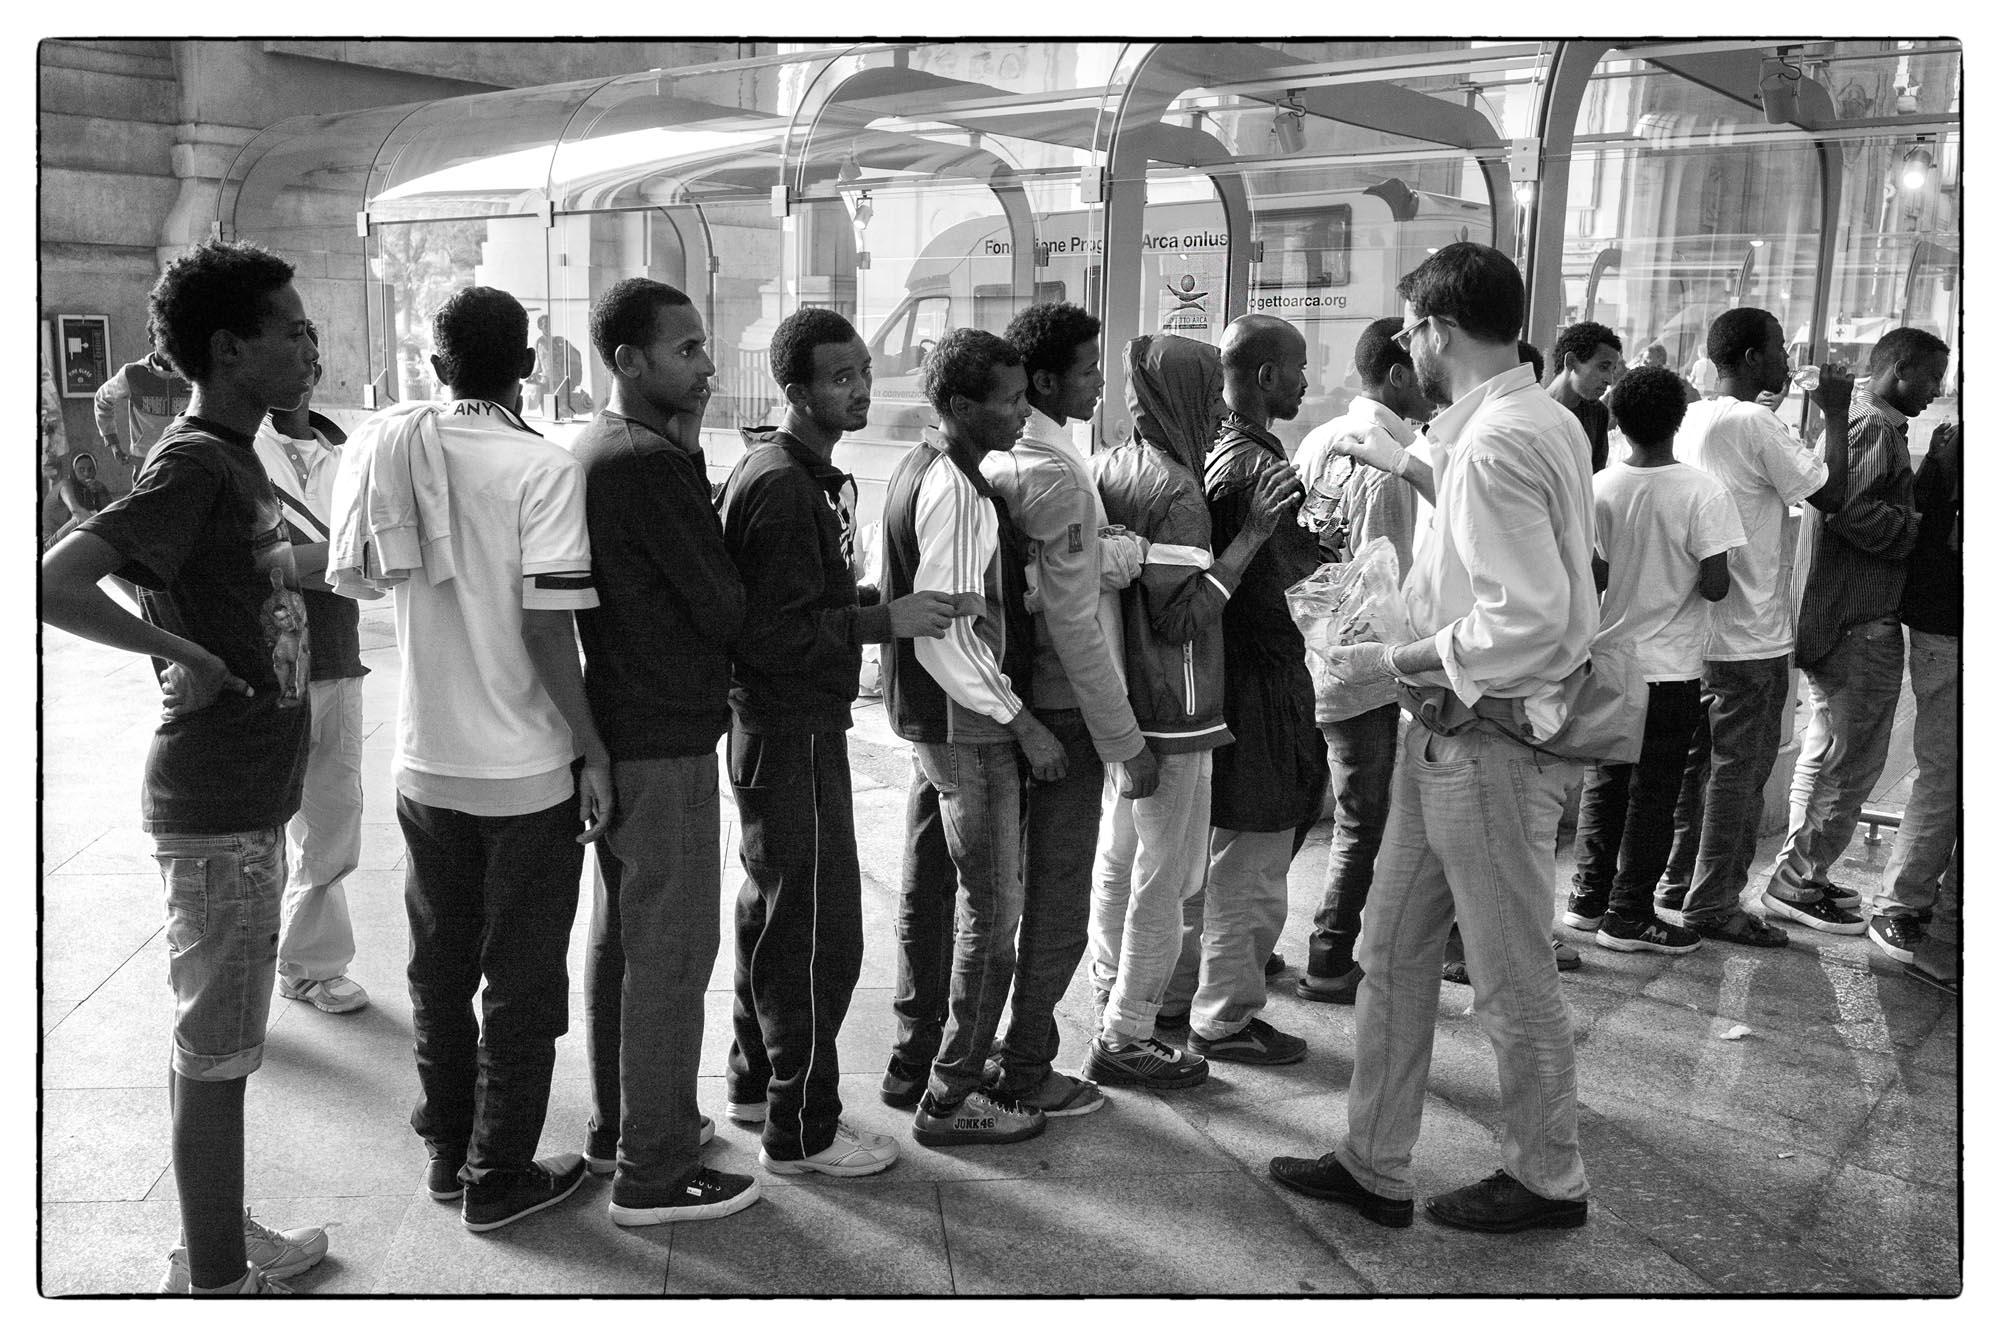 0476 Accoglienza profughi Milano 4 - Arrivo profughi a Milano